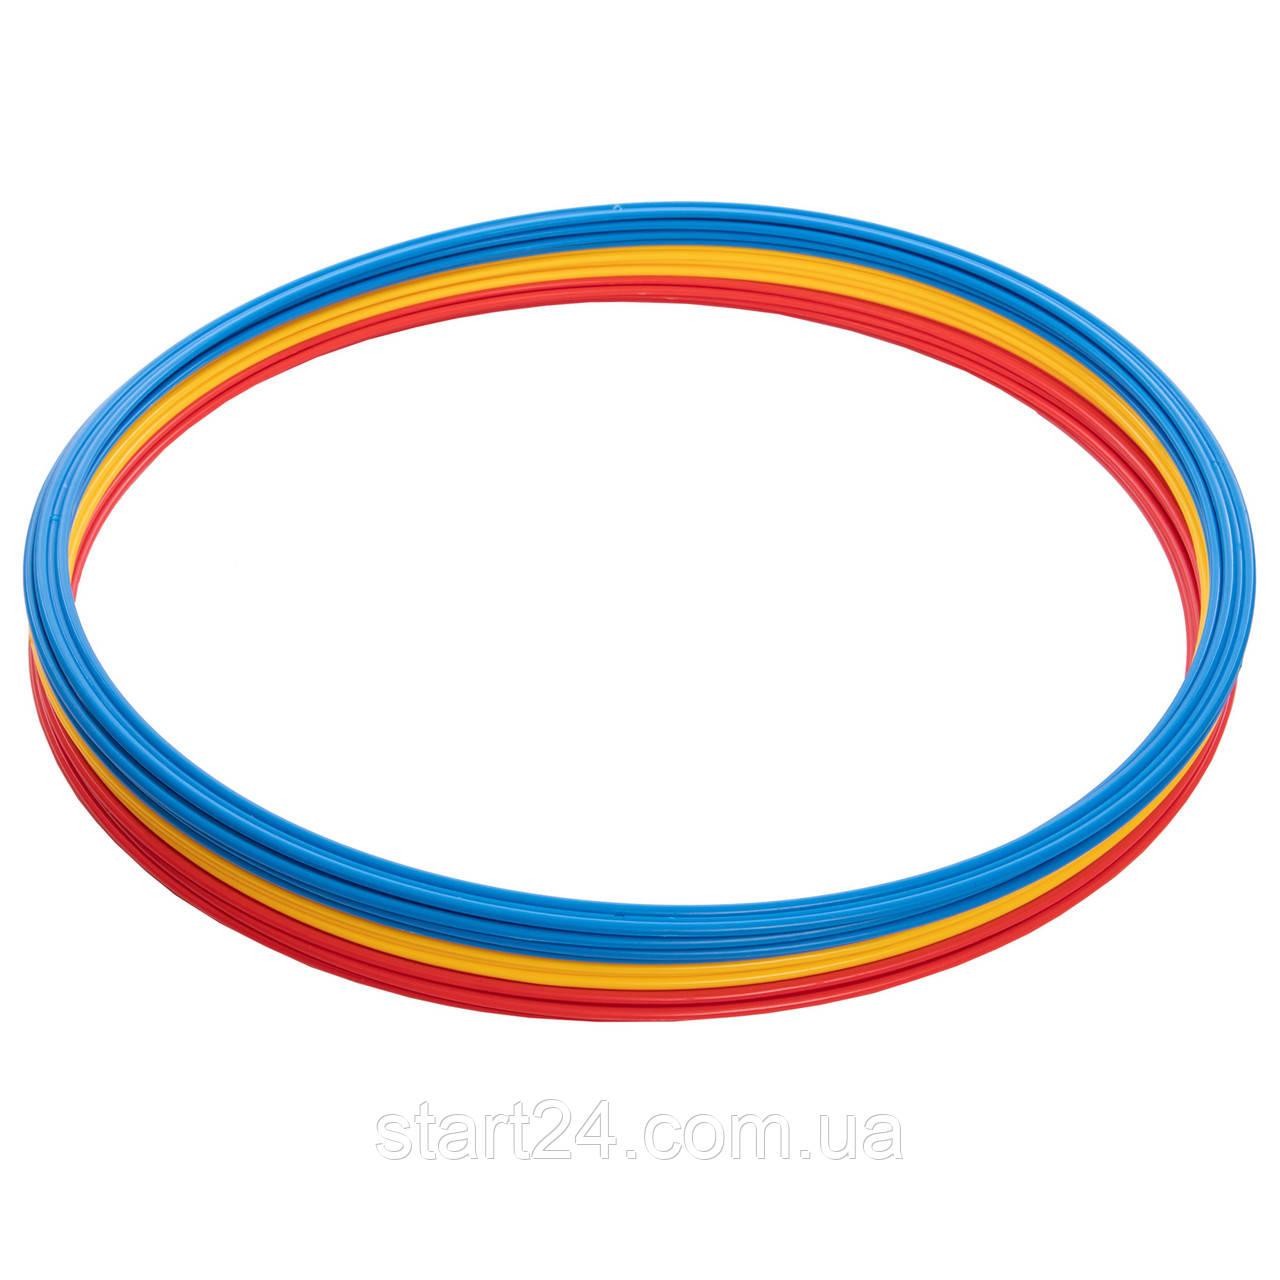 Кільця тренувальні C-0815-70 (пластик, d-70см, в комплекті 12шт., кольори в асортименті)